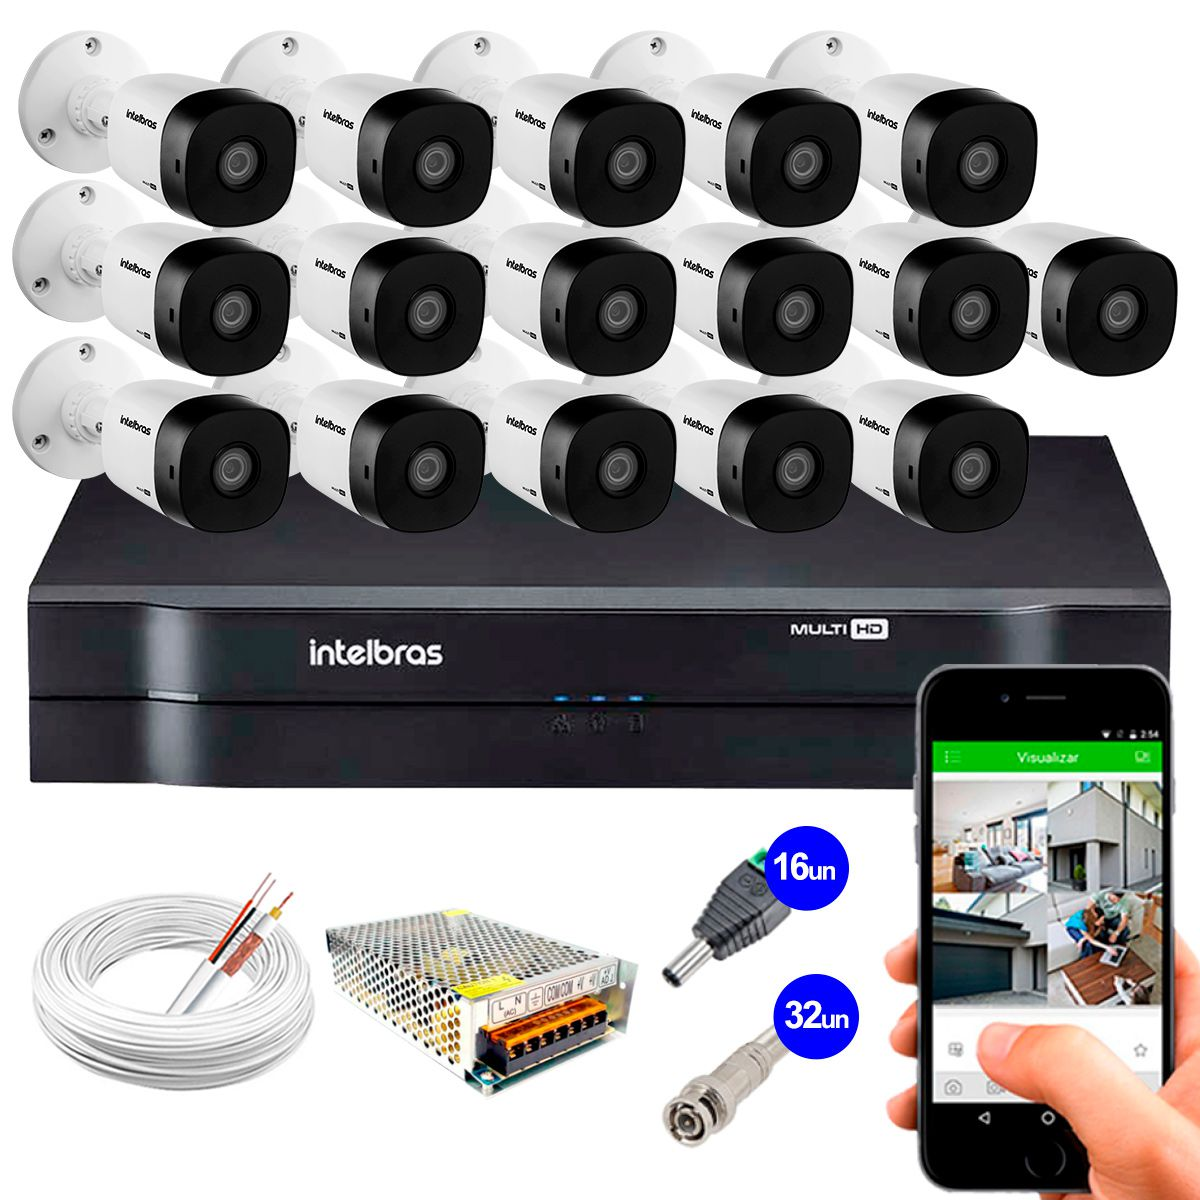 Kit 16 Câmeras VHD 1010 B G5 + DVR Intelbras + App Grátis de Monitoramento, Câmeras HD 720p 10m Infravermelho de Visão Noturna Intelbras + Fonte, Cabos e Acessórios  - Tudo Forte